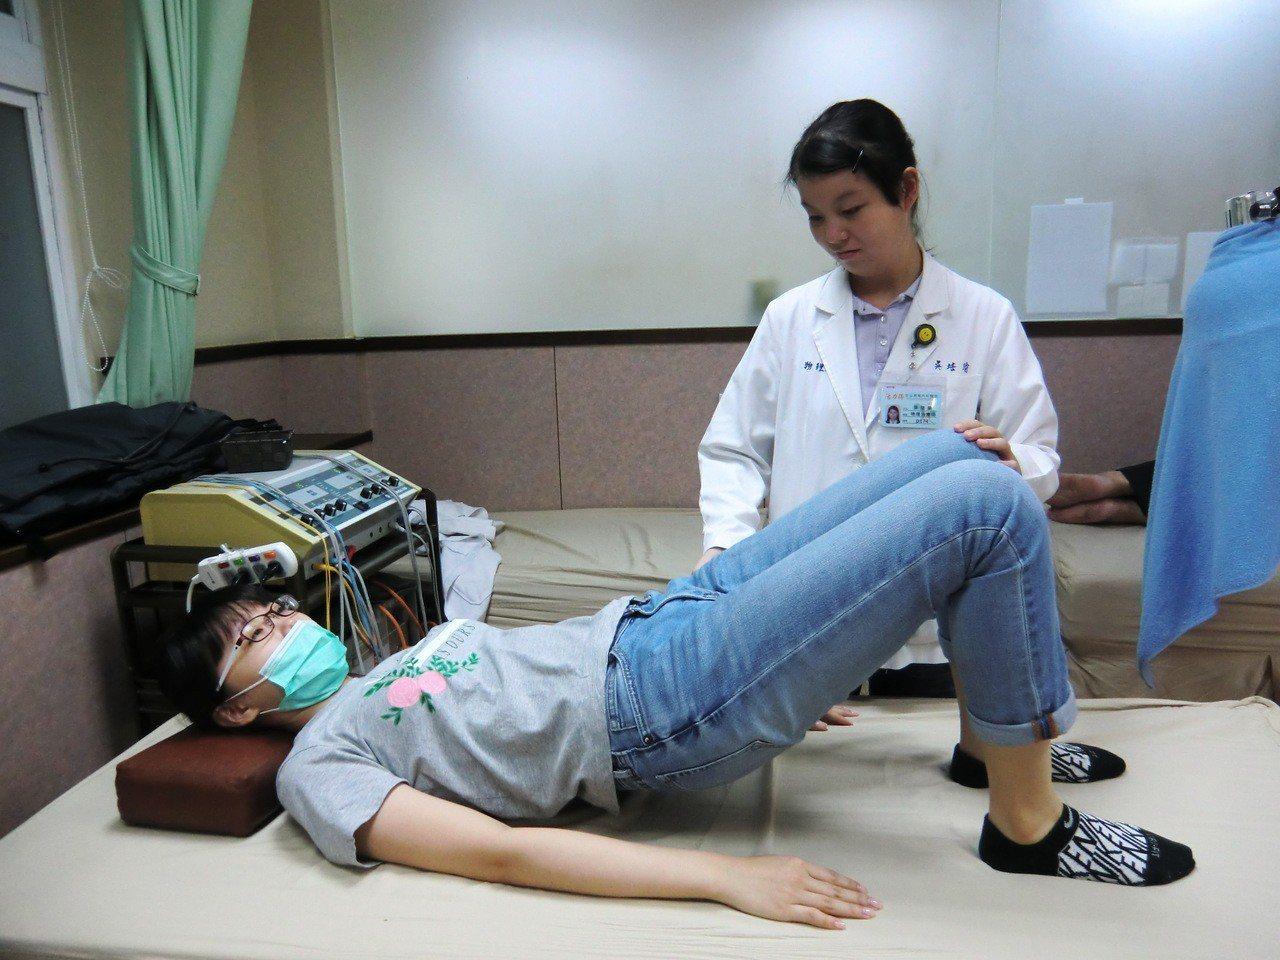 第一招橋式:平躺在床,彎屈膝蓋,雙腳踩穩在床,並將雙手放置兩側,臀部出力向上抬起...